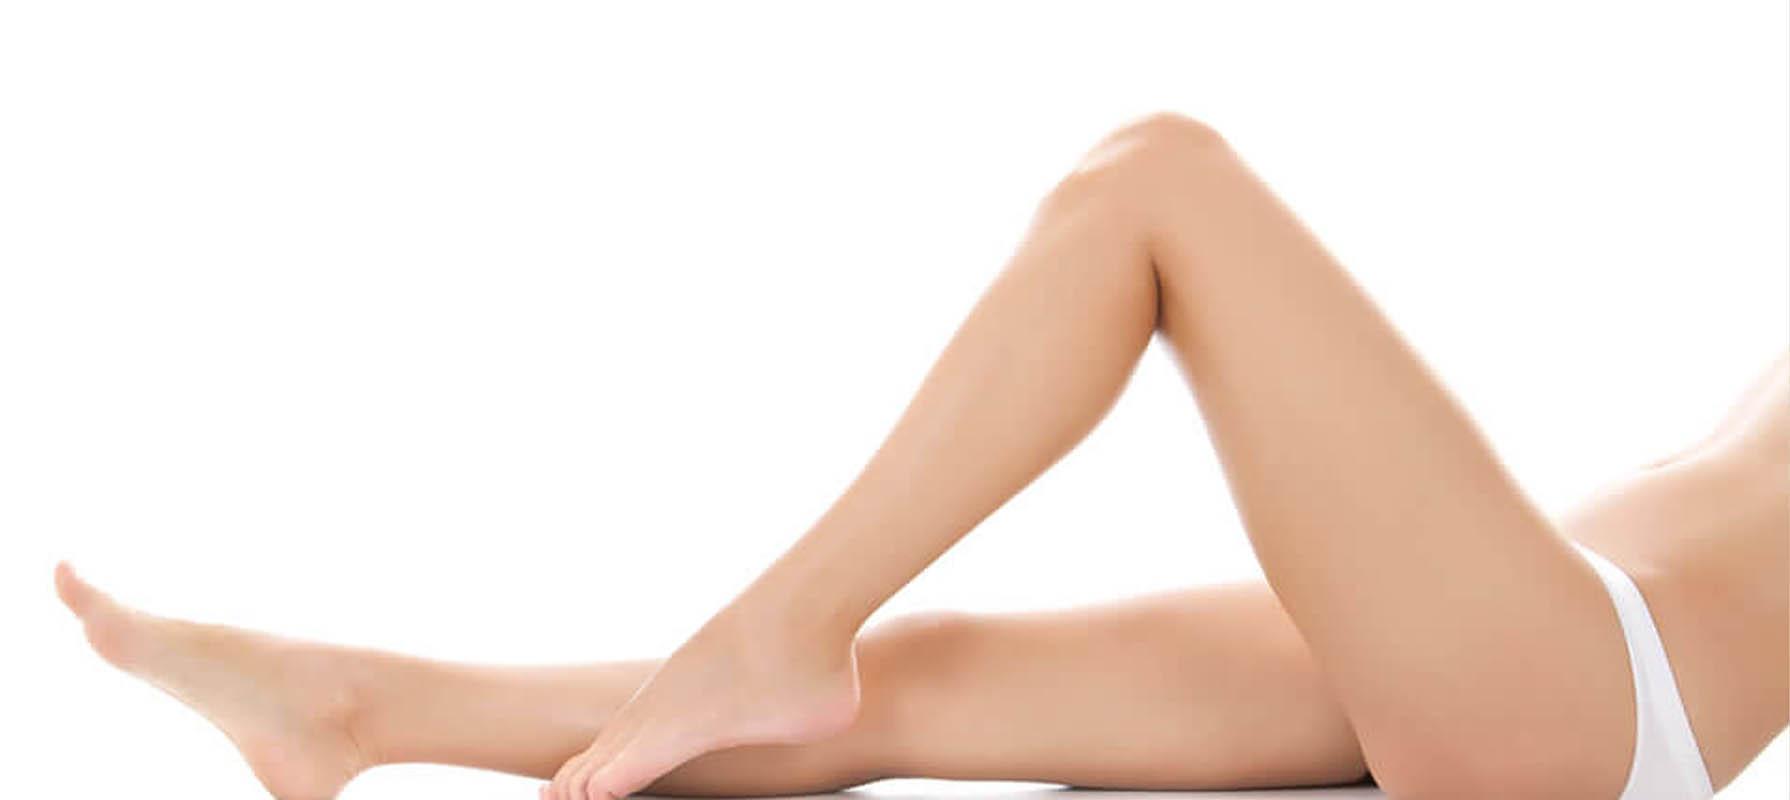 Liposcultura gambe Certosa Milano, il Dottor Raoul Novelli, annoverato tra i migliori chirurghi plastici